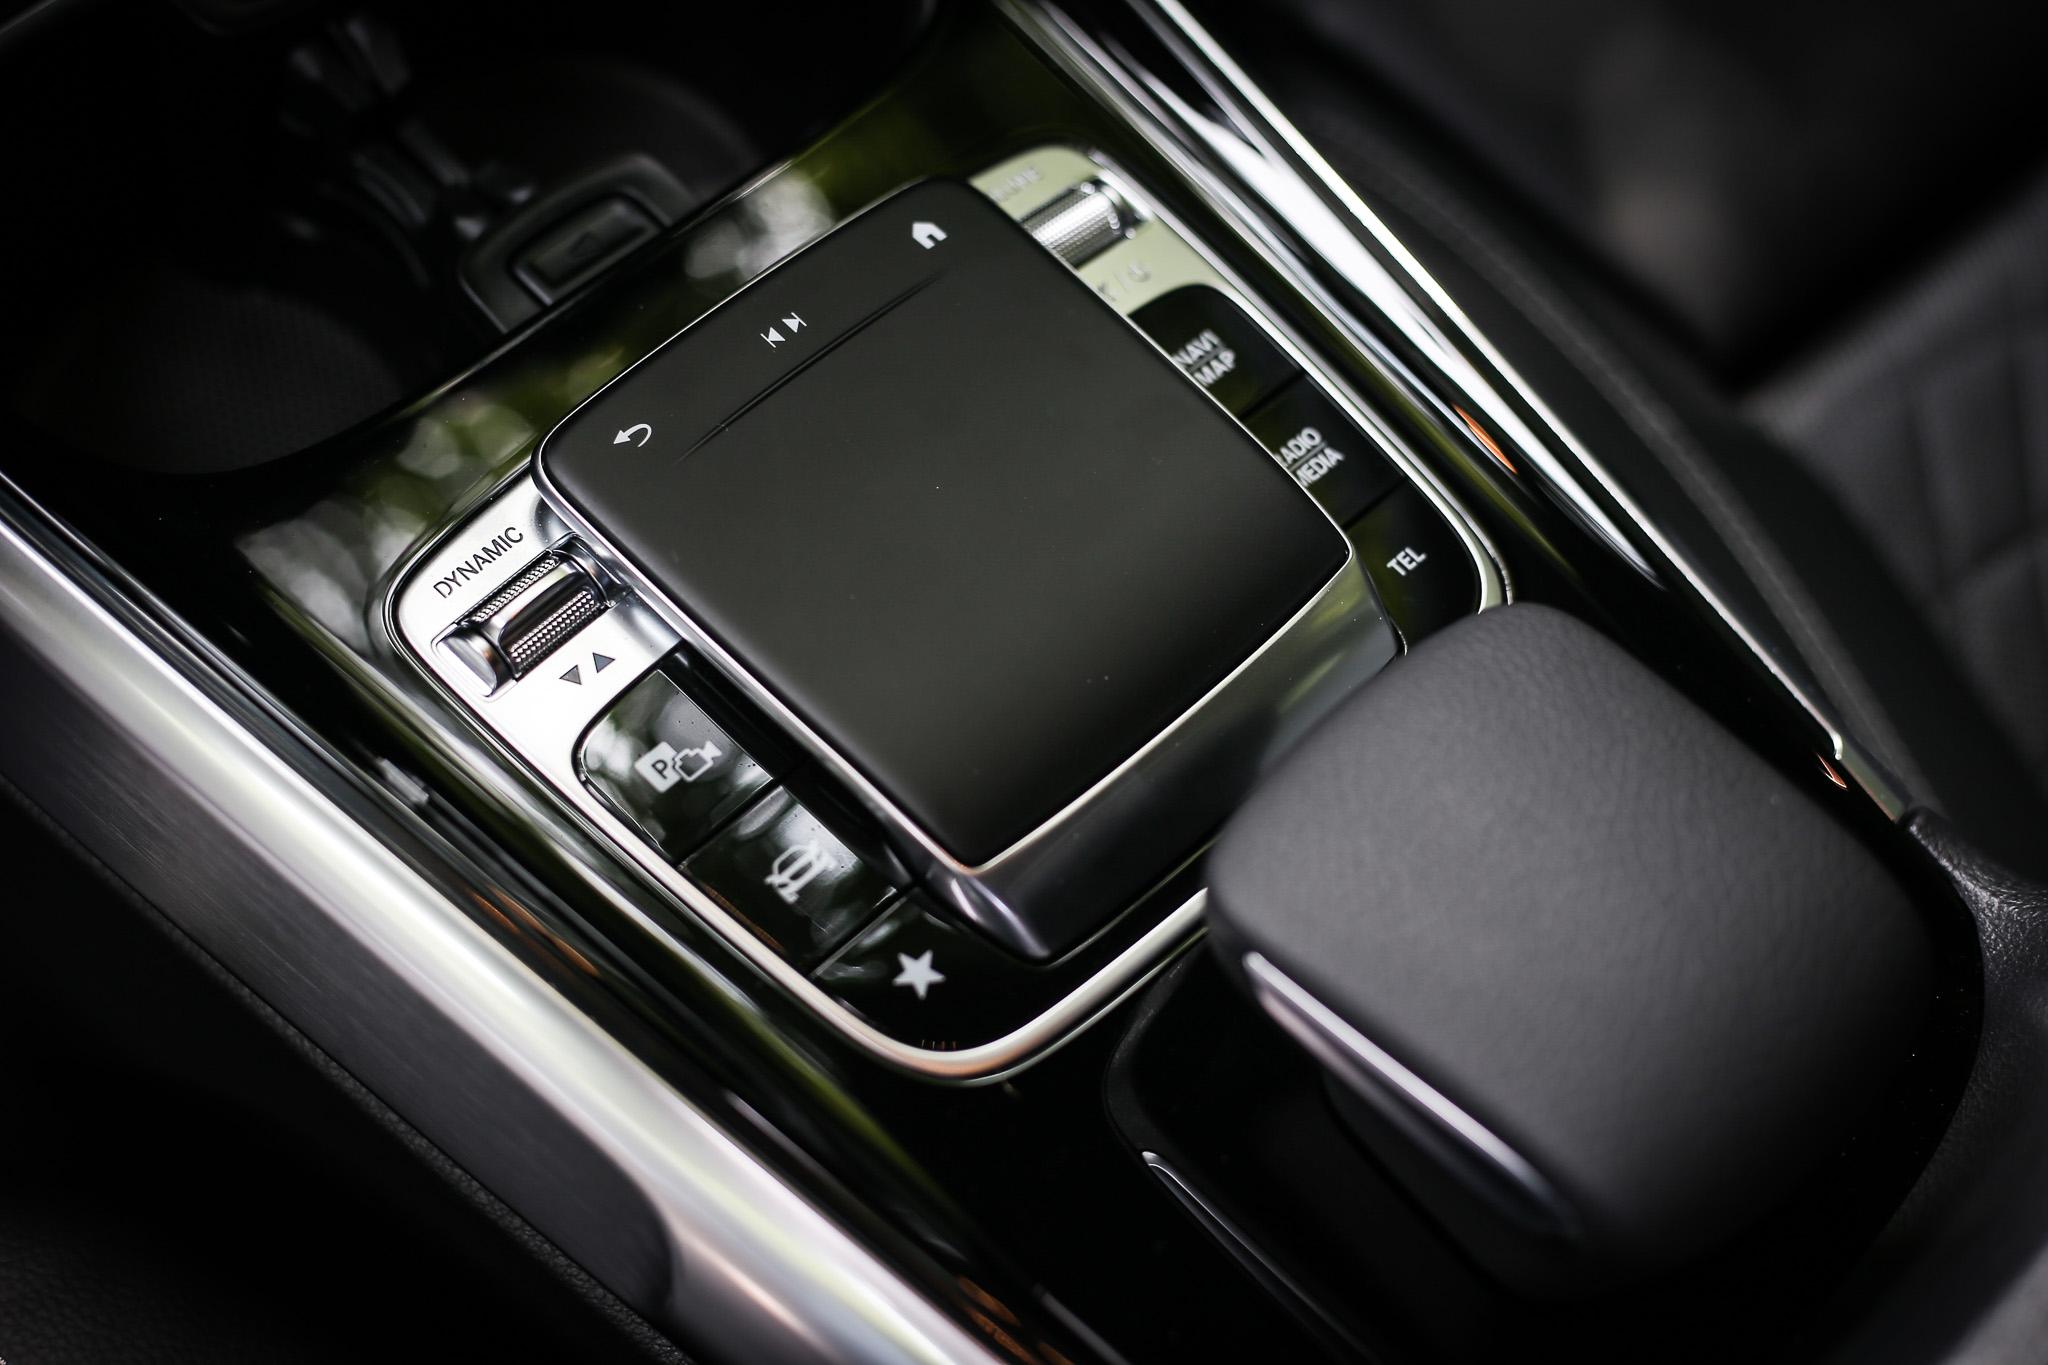 進階 MBUX 多媒體系統、Mercedes me connect 互聯系統、智慧型手機整合系統等都是標準配備。